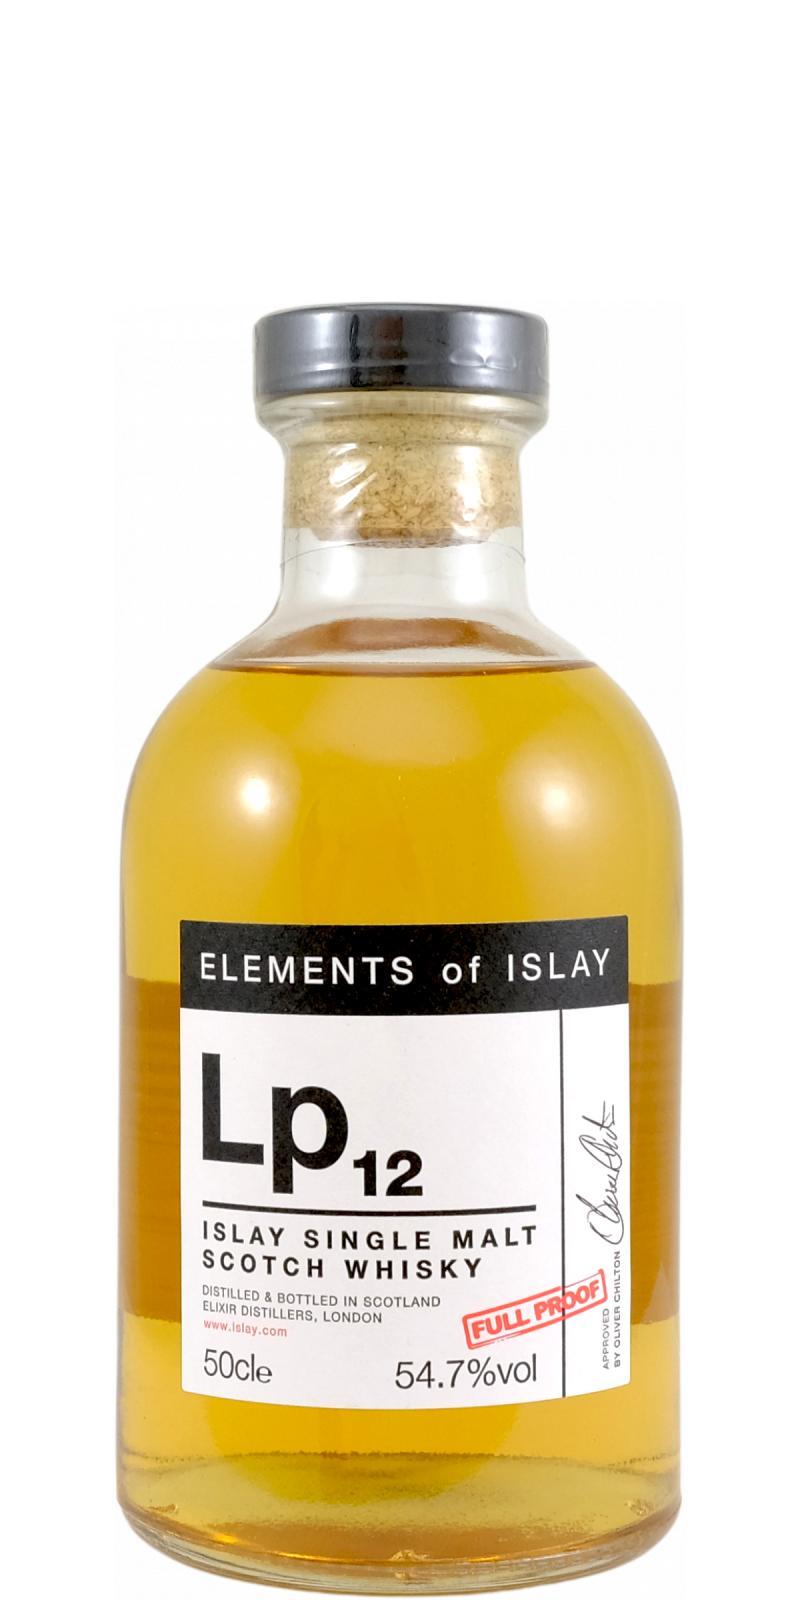 Laphroaig Lp12 ElD